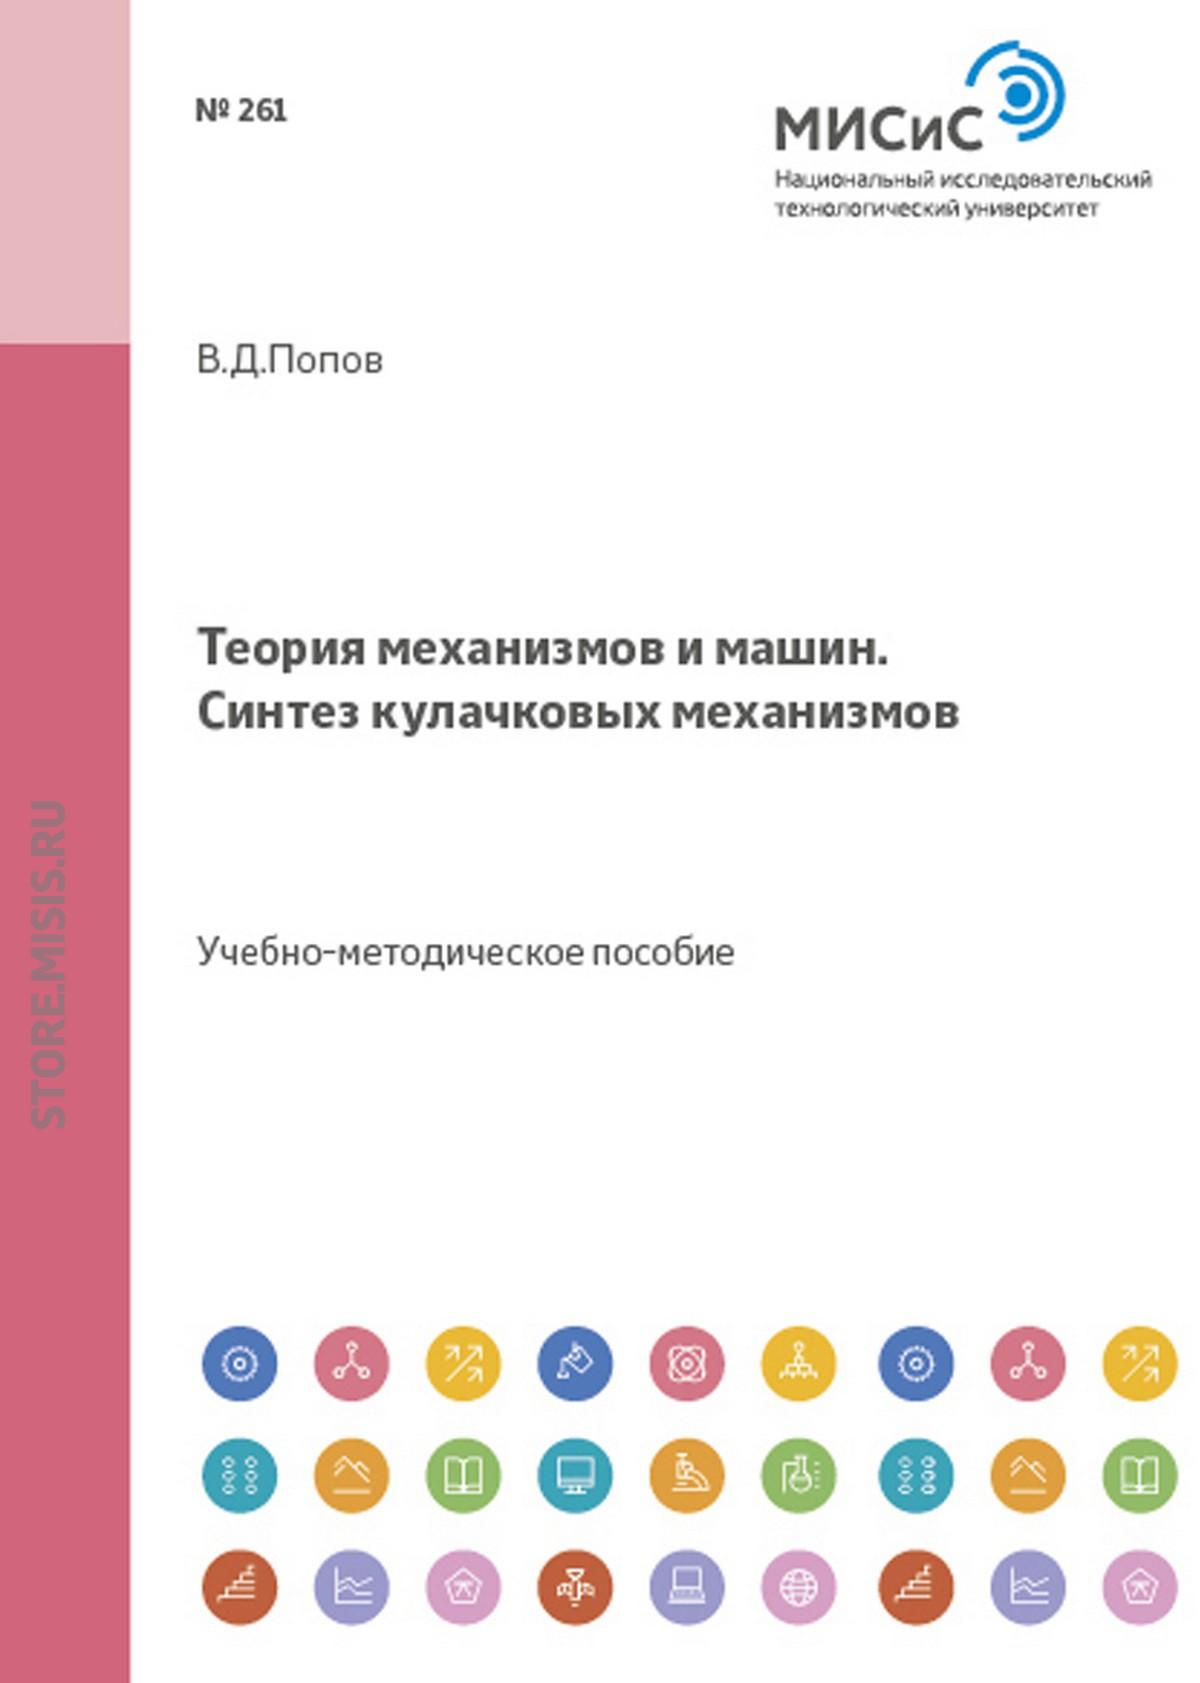 Владимир Попов Теория механизмов и машин. Синтез кулачковых механизмов владимир попов теория механизмов и машин